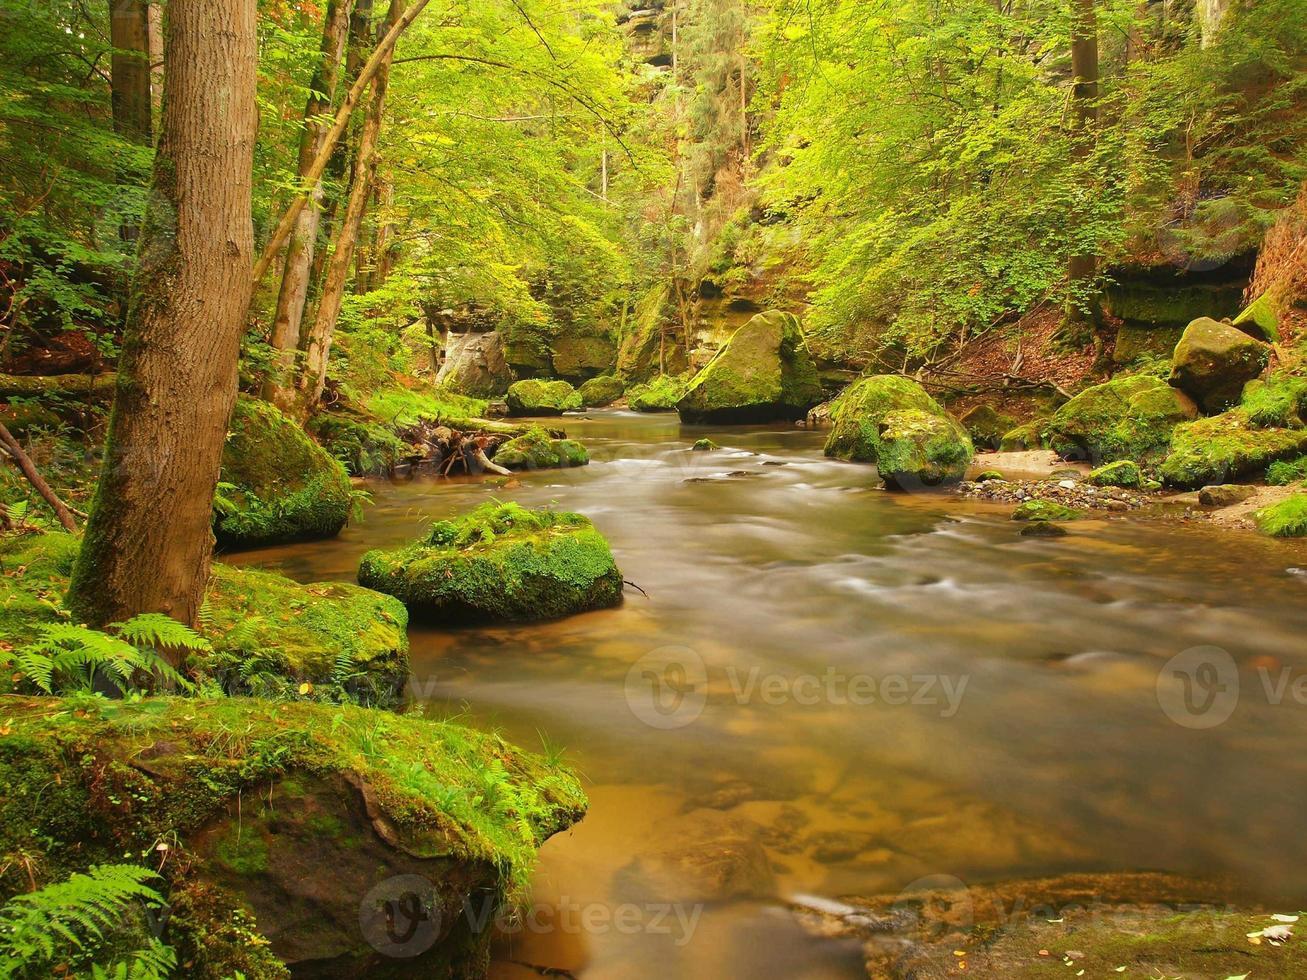 orilla del río debajo de los árboles en el río de montaña, rocas cubiertas de musgo foto